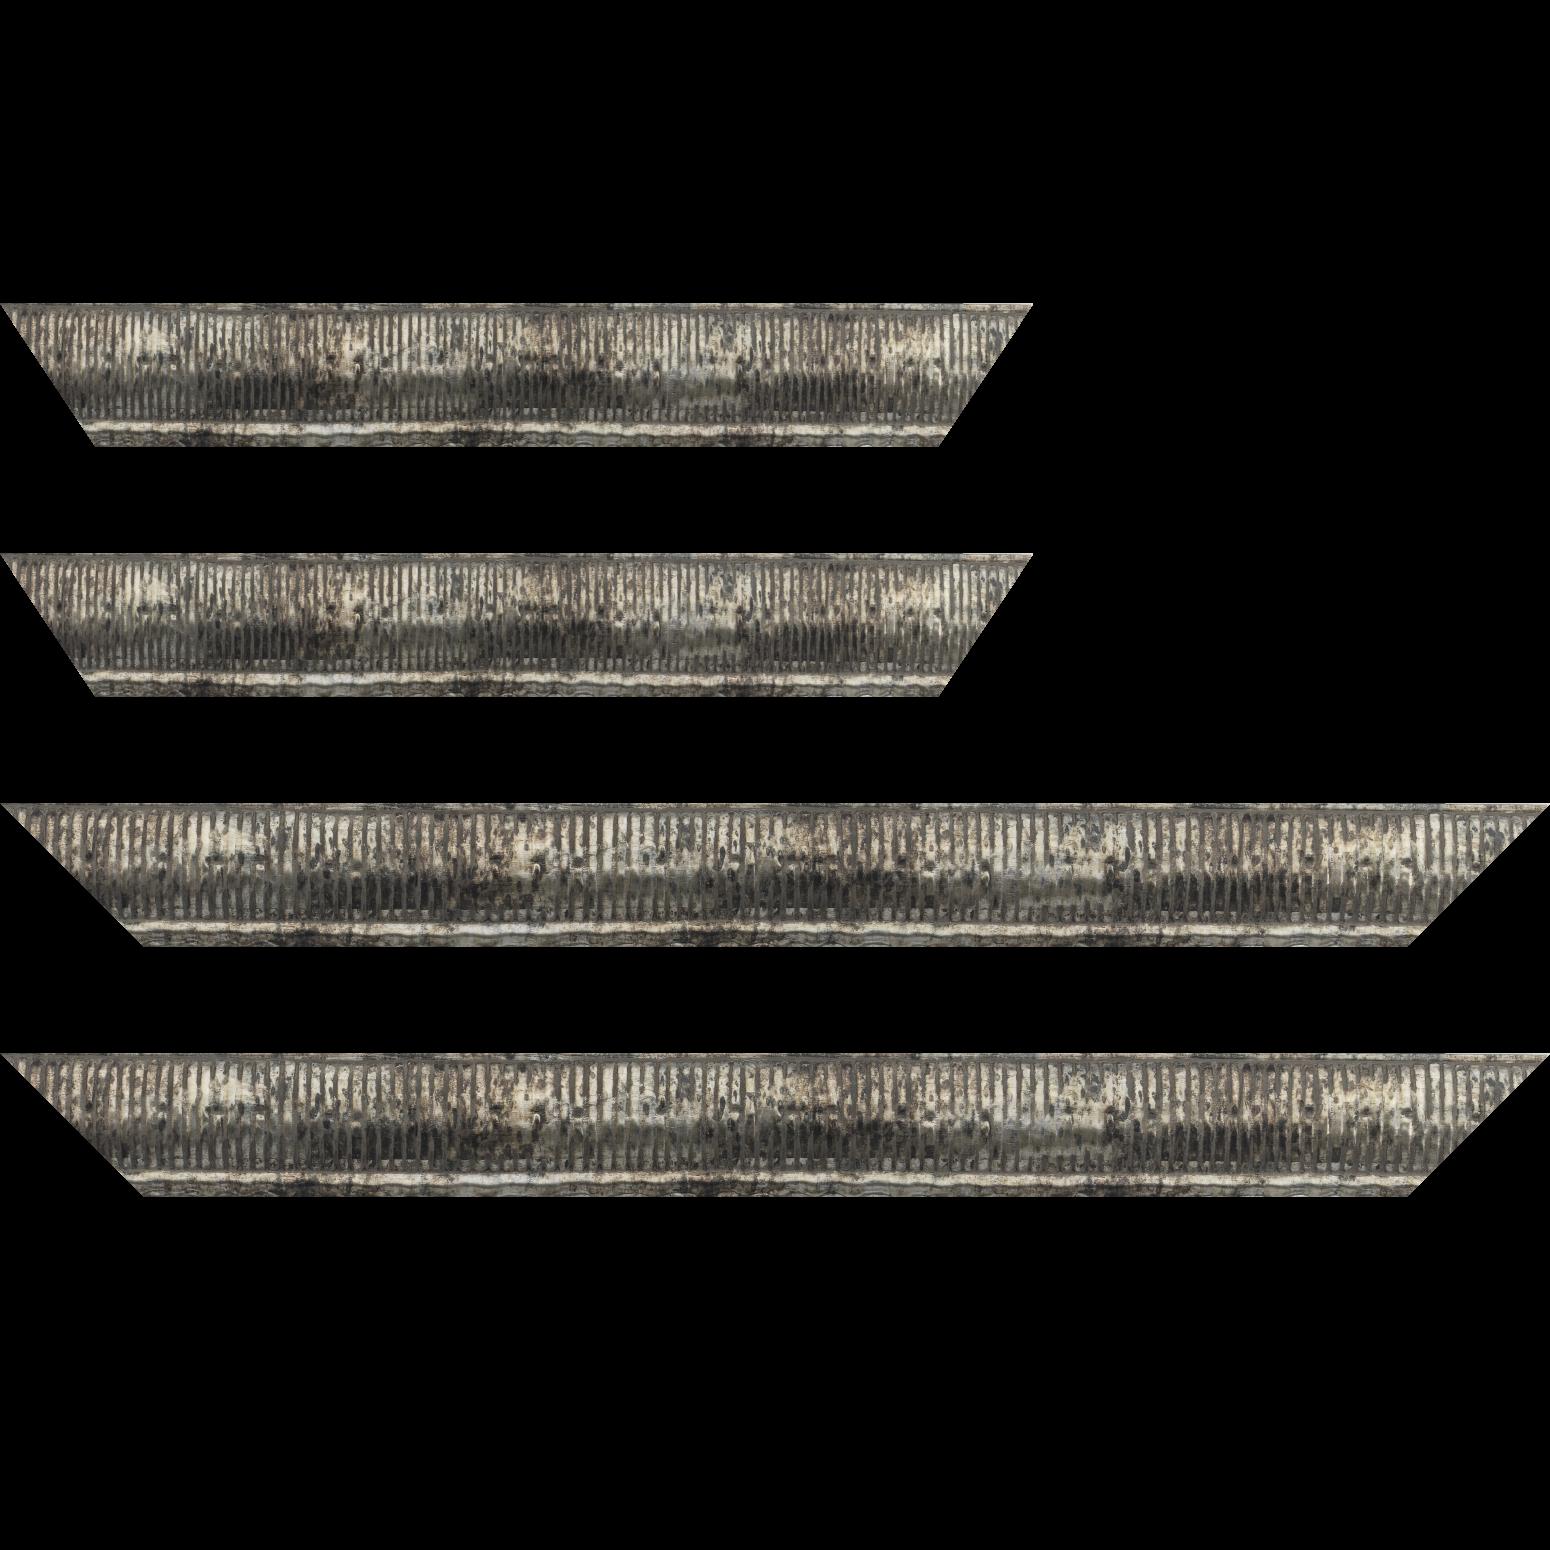 Baguette service précoupé bois profil arrondi largeur 4.8cm couleur argent noirci décor bambou